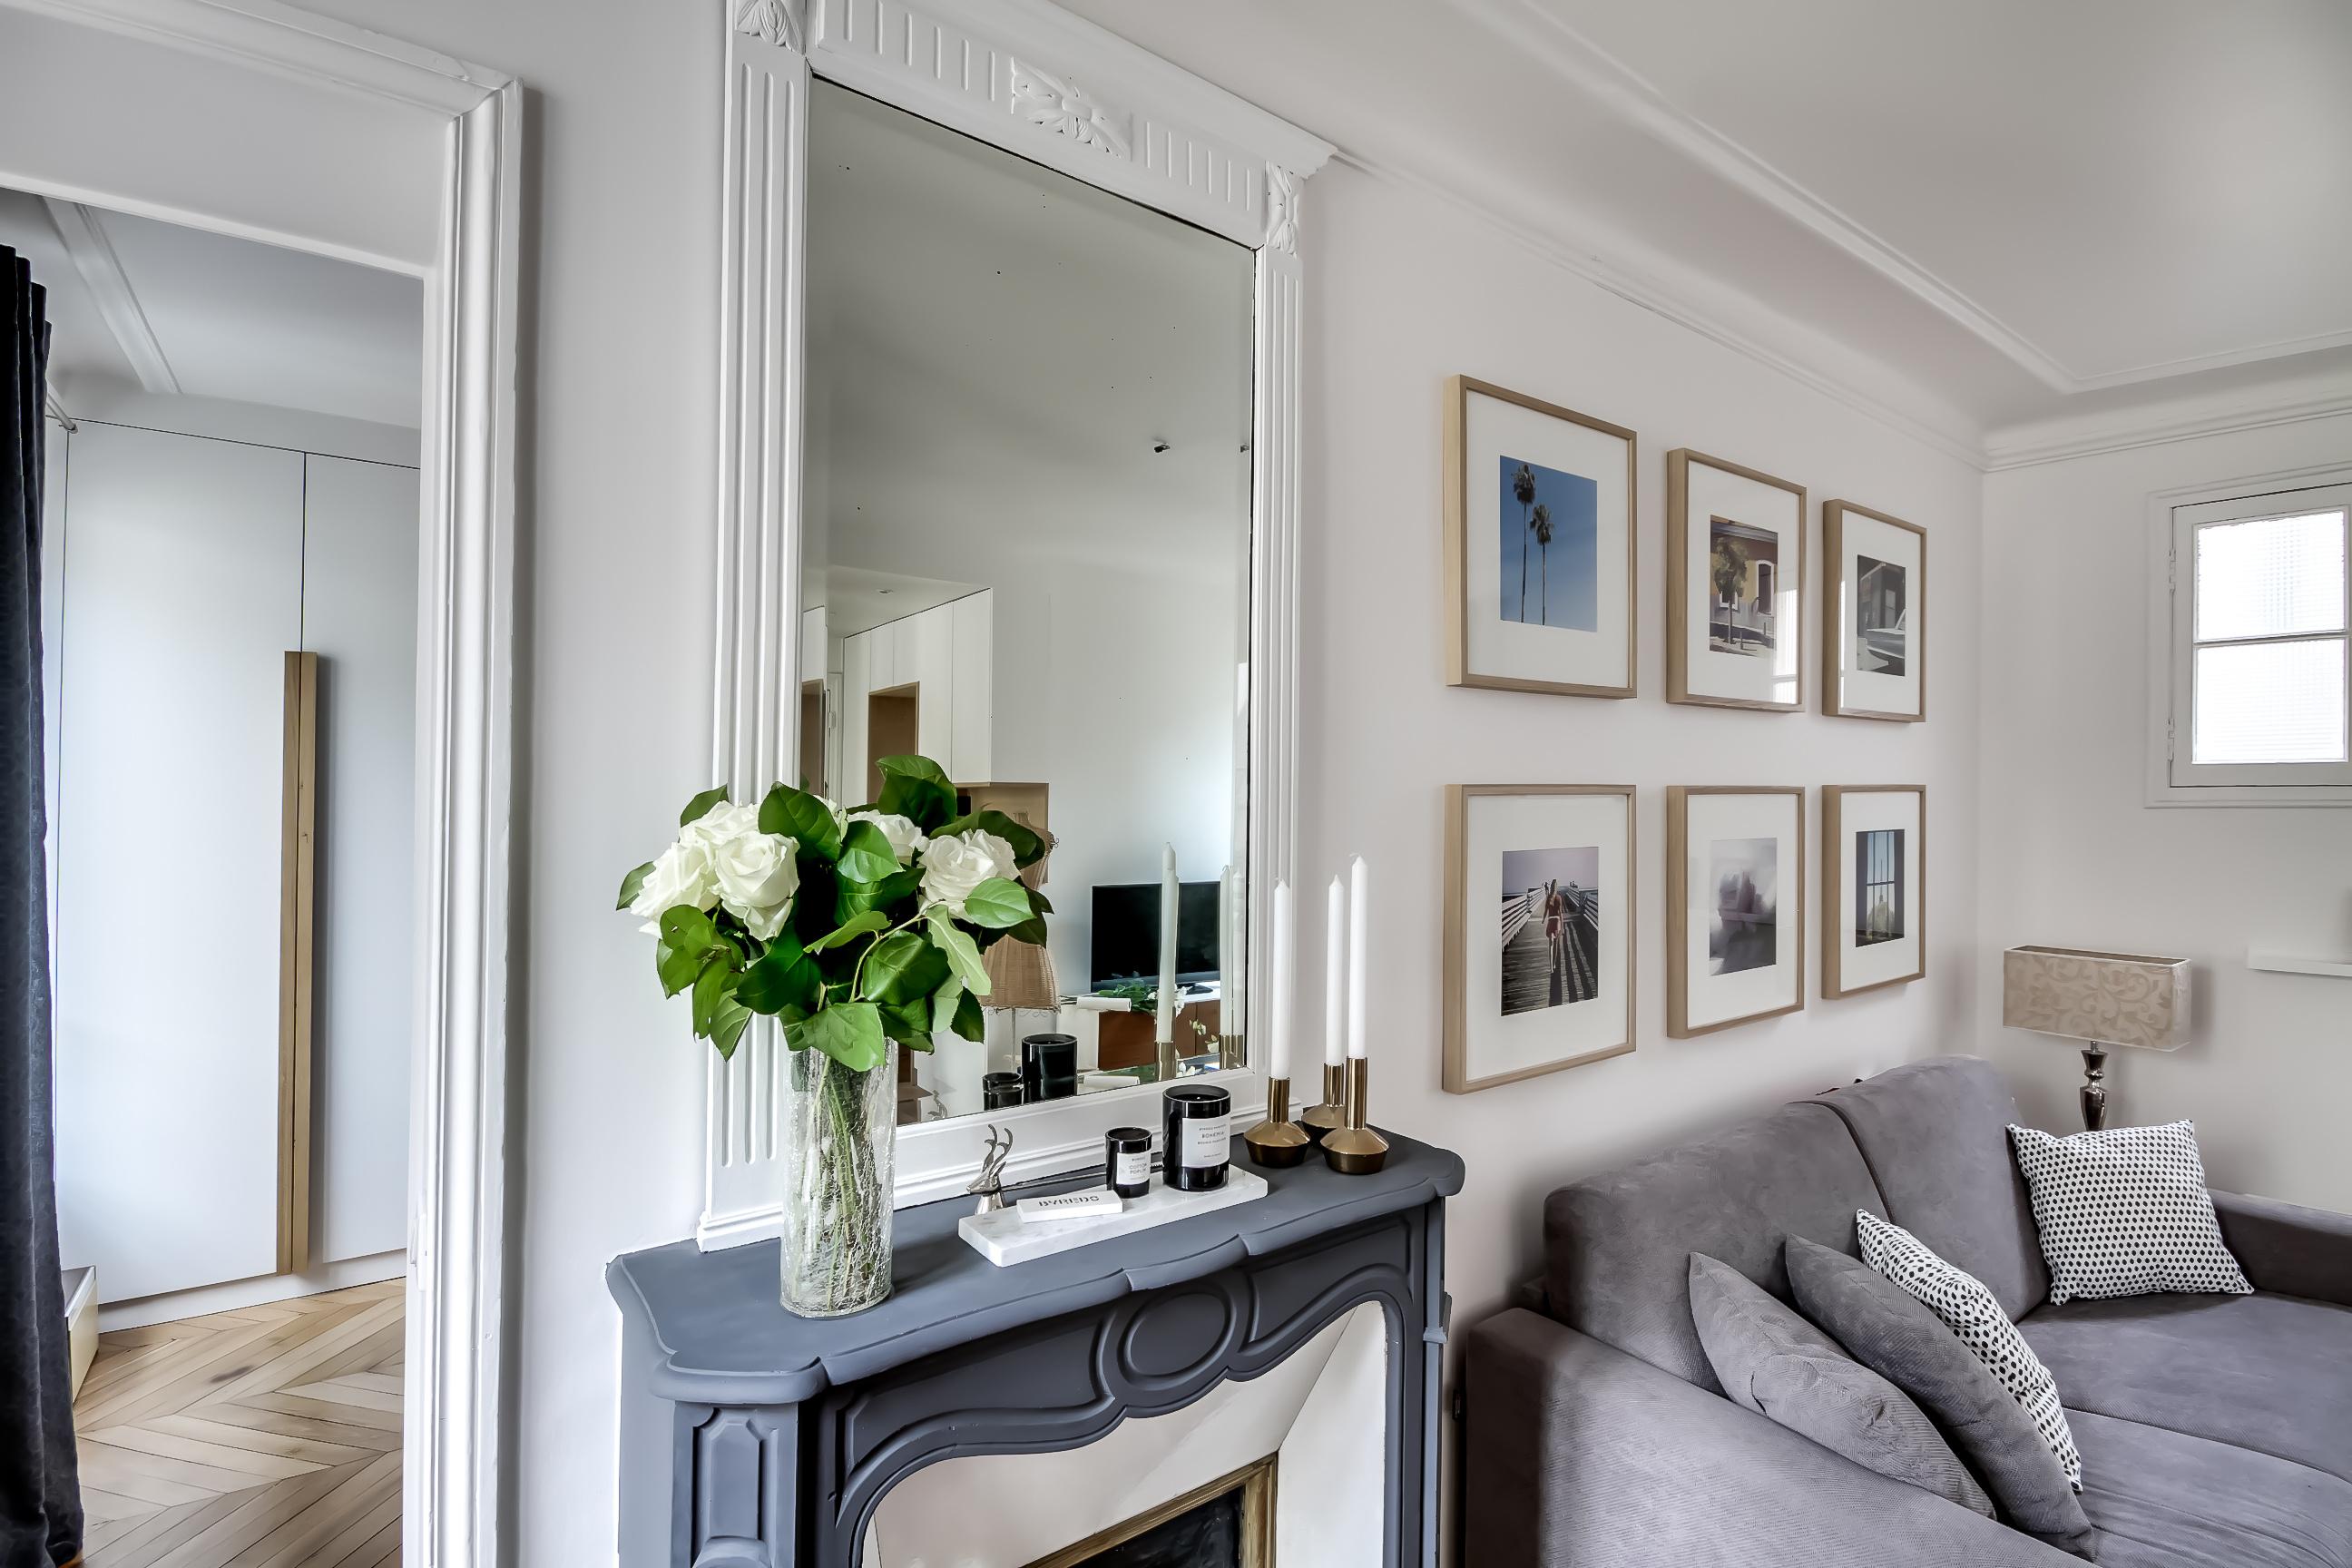 apartamento_38_metros_en_paris_atelier_daaa_408625881_2592x1728